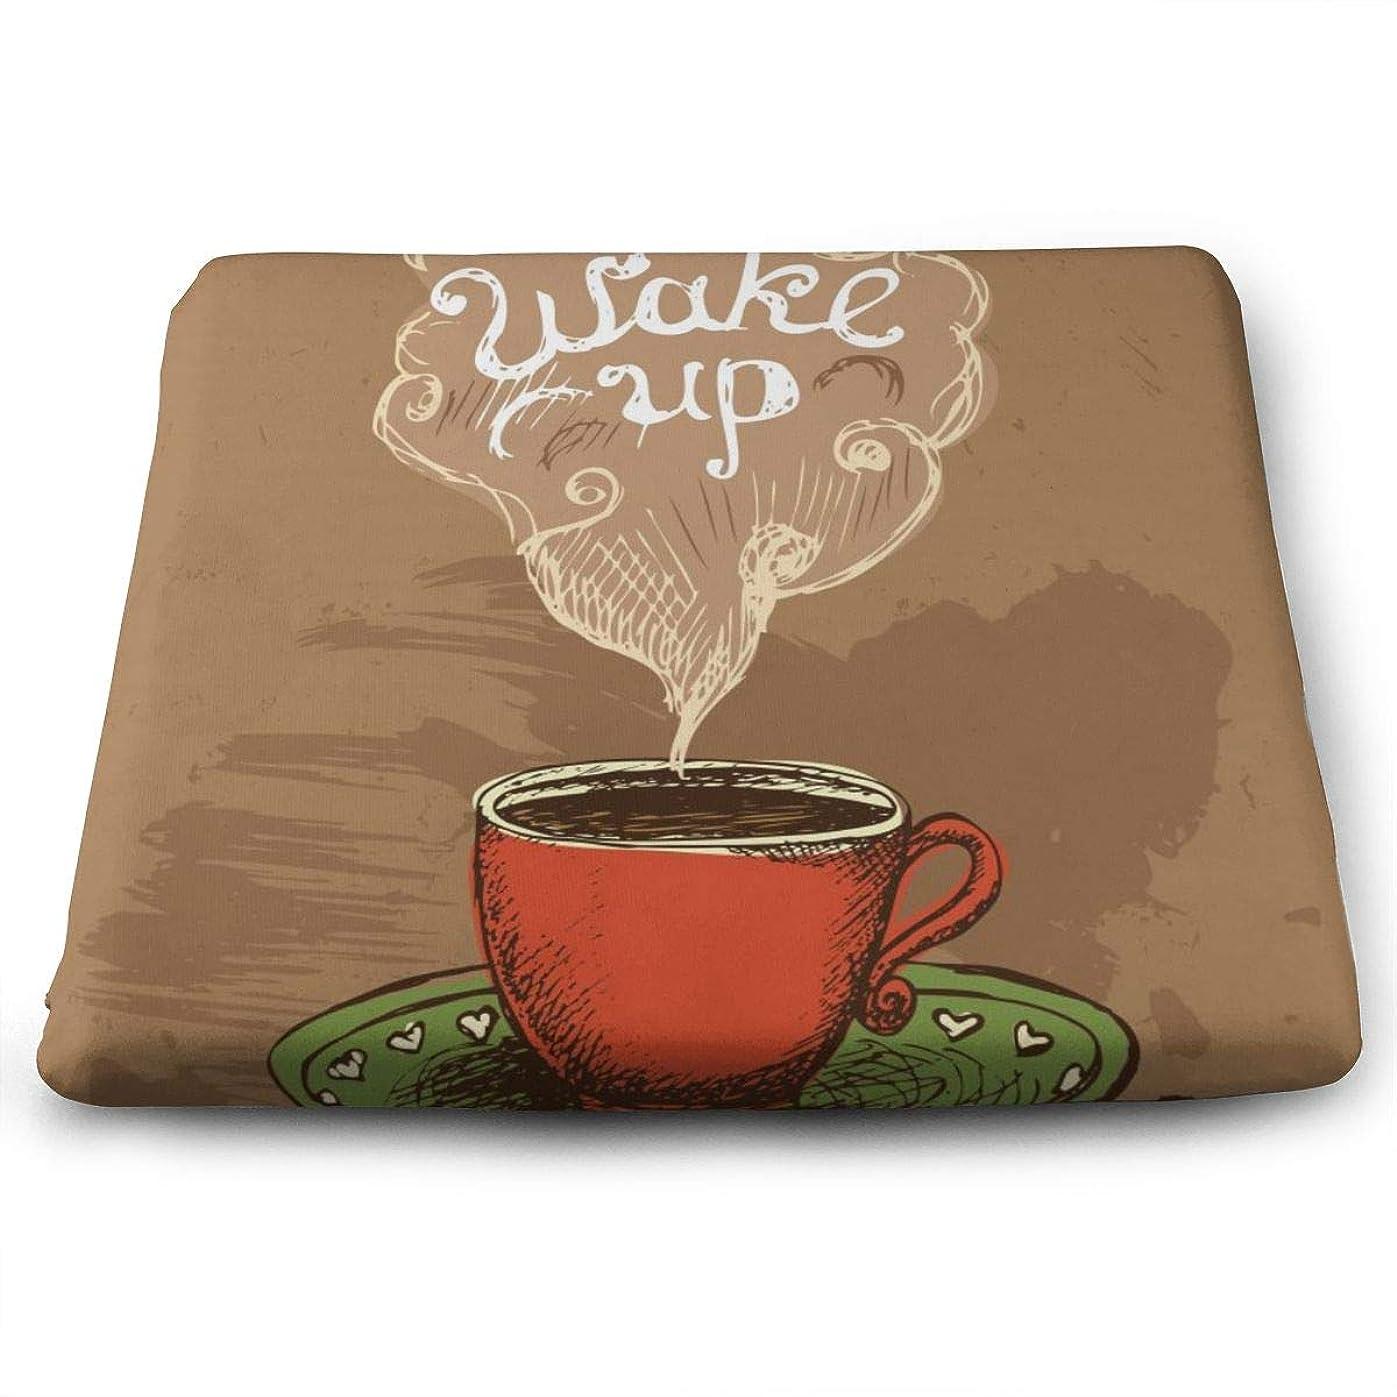 聡明豊富な持続的QWEDER 低反発座布団クッション スクエアタイプ/ベロアタイプWake Up Coffee Cup 【体圧分散効果/優しい座り心地/ノンスリップ加工】座布団